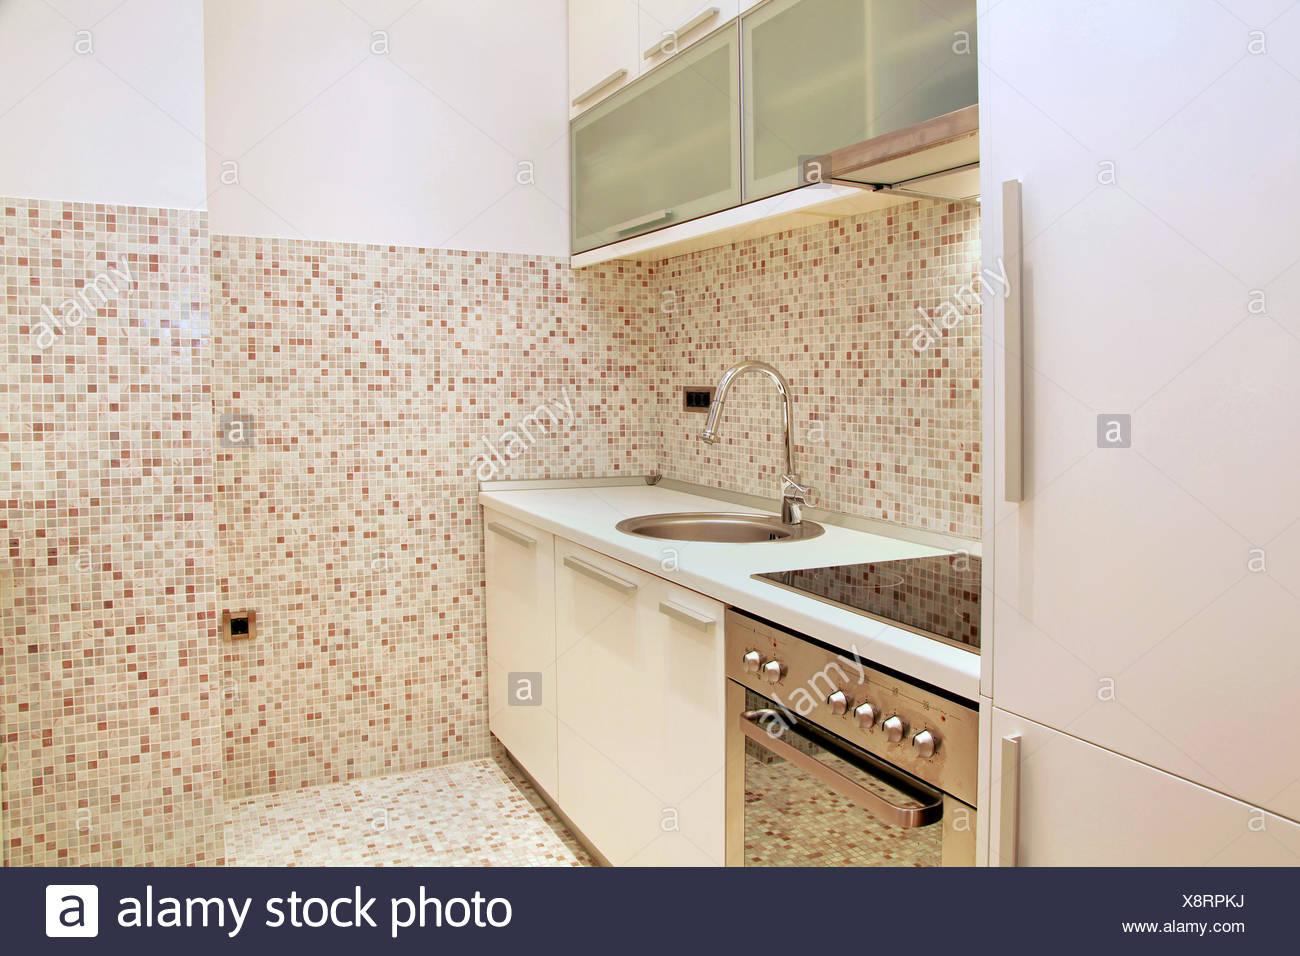 Azulejos de mosaico cocina Fotografía de stock - Alamy